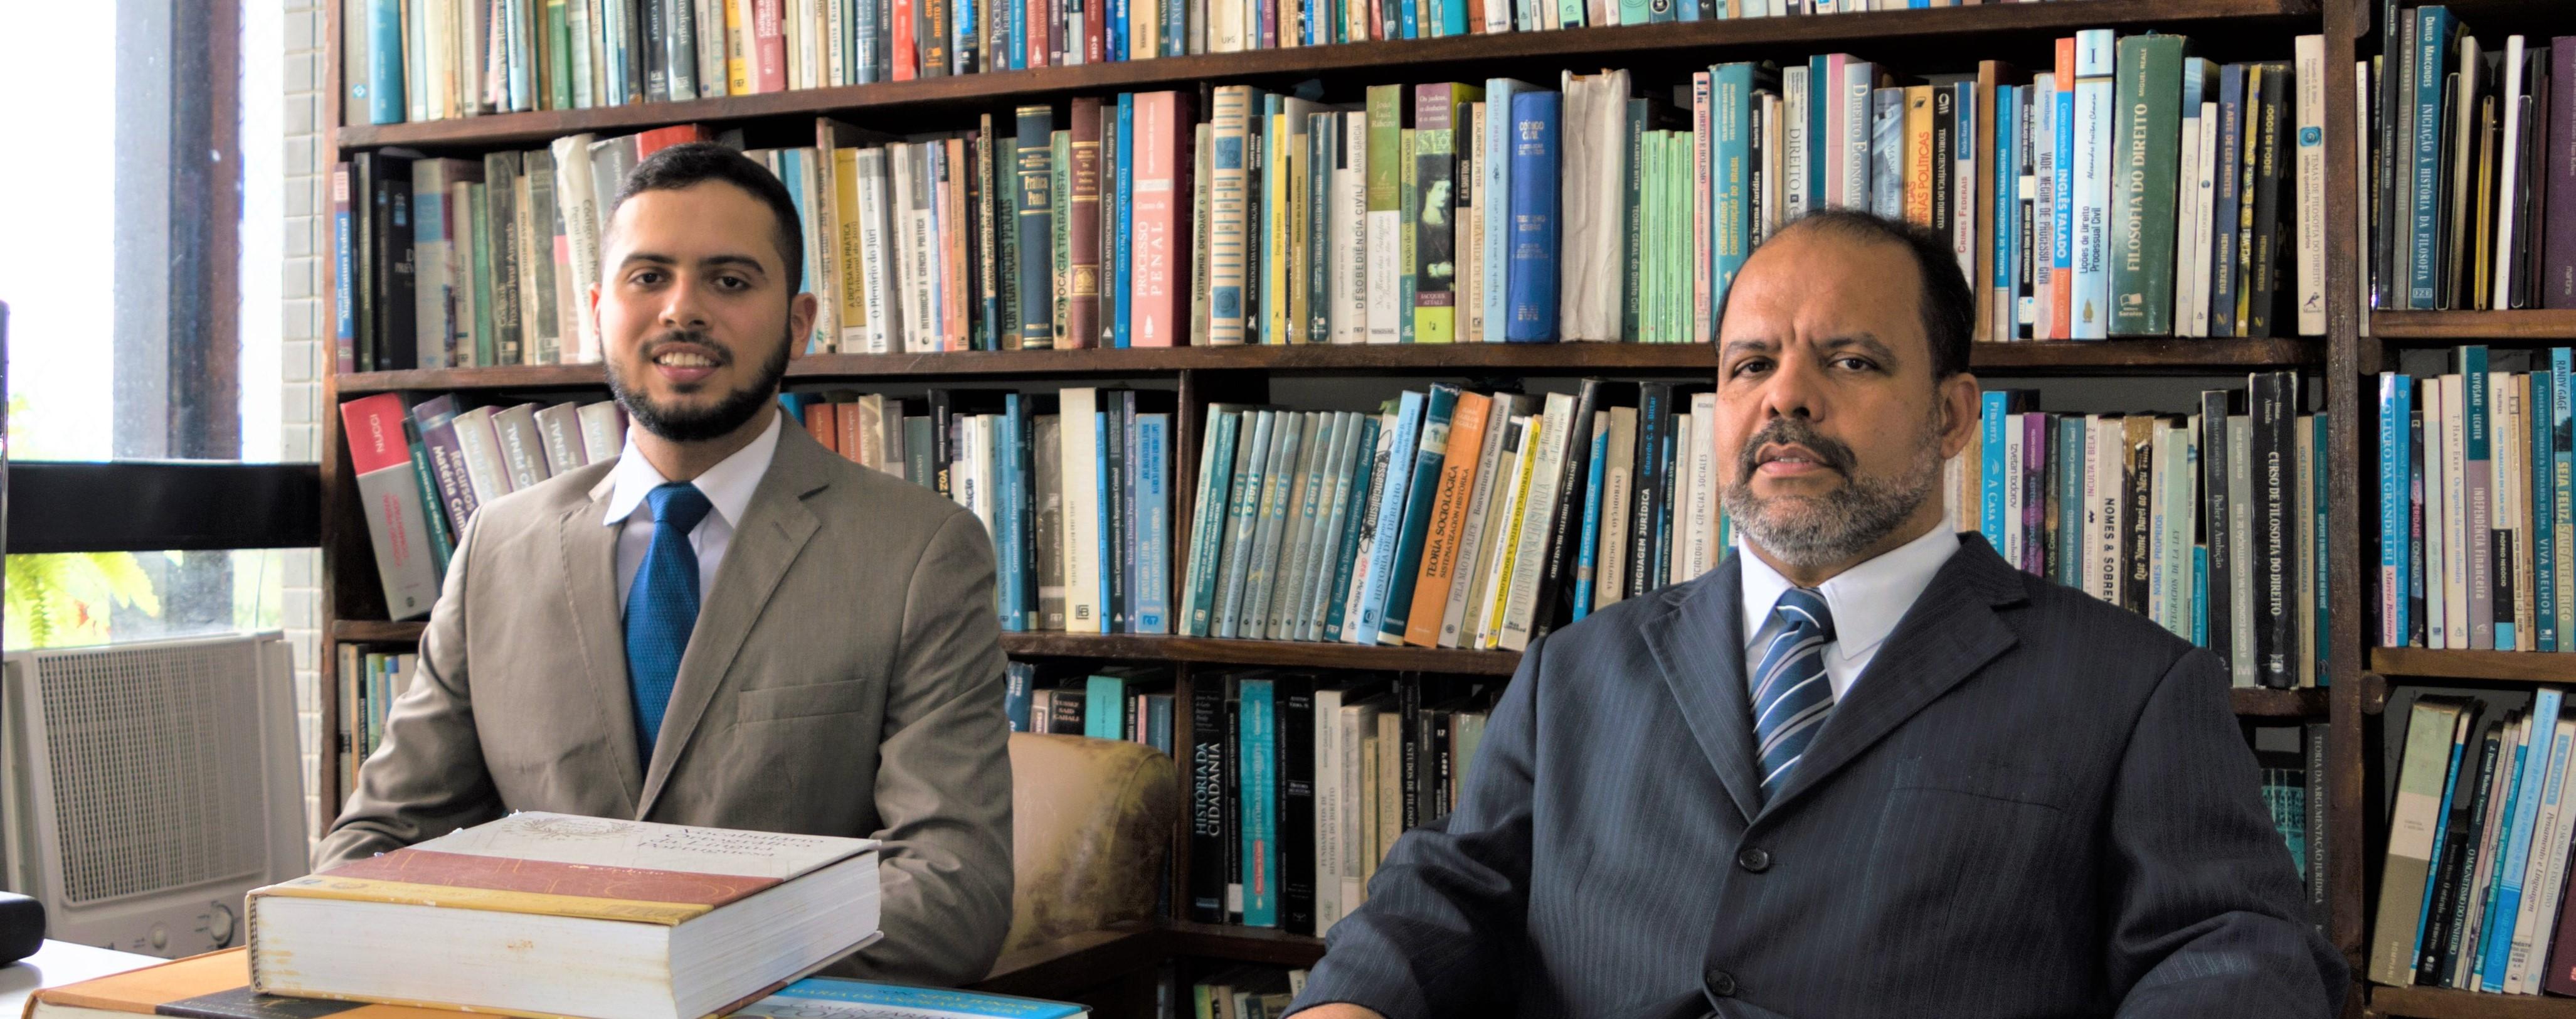 Isaac Taurino-Araújo e professor Taurino Araújo em abril de 2018.